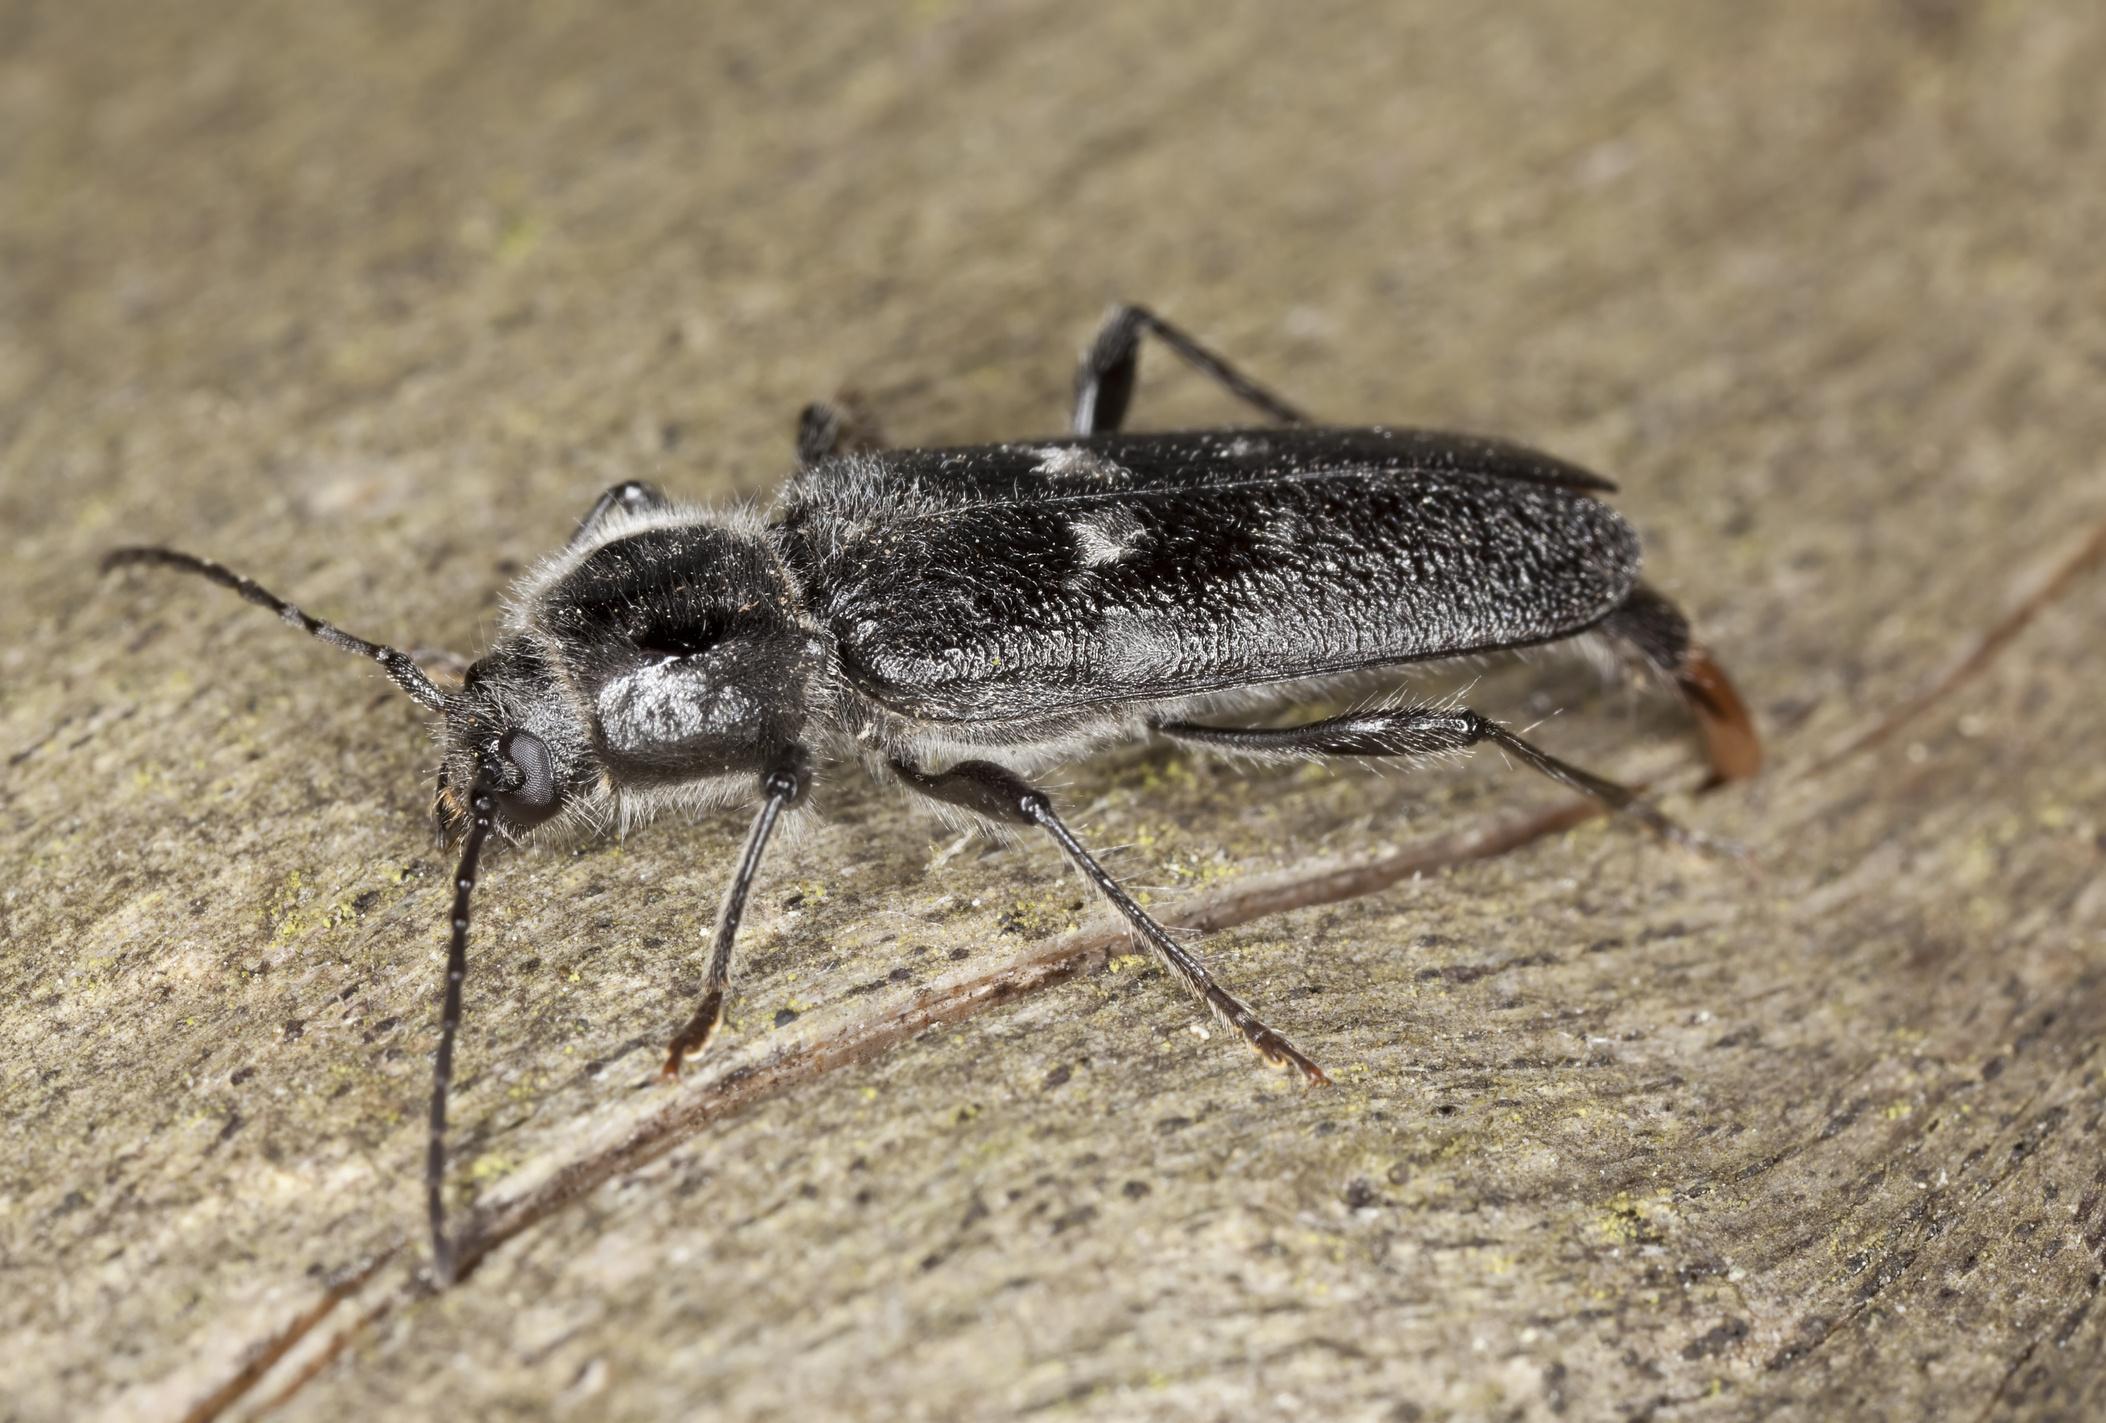 házi paraziták rovarok fotója és neve